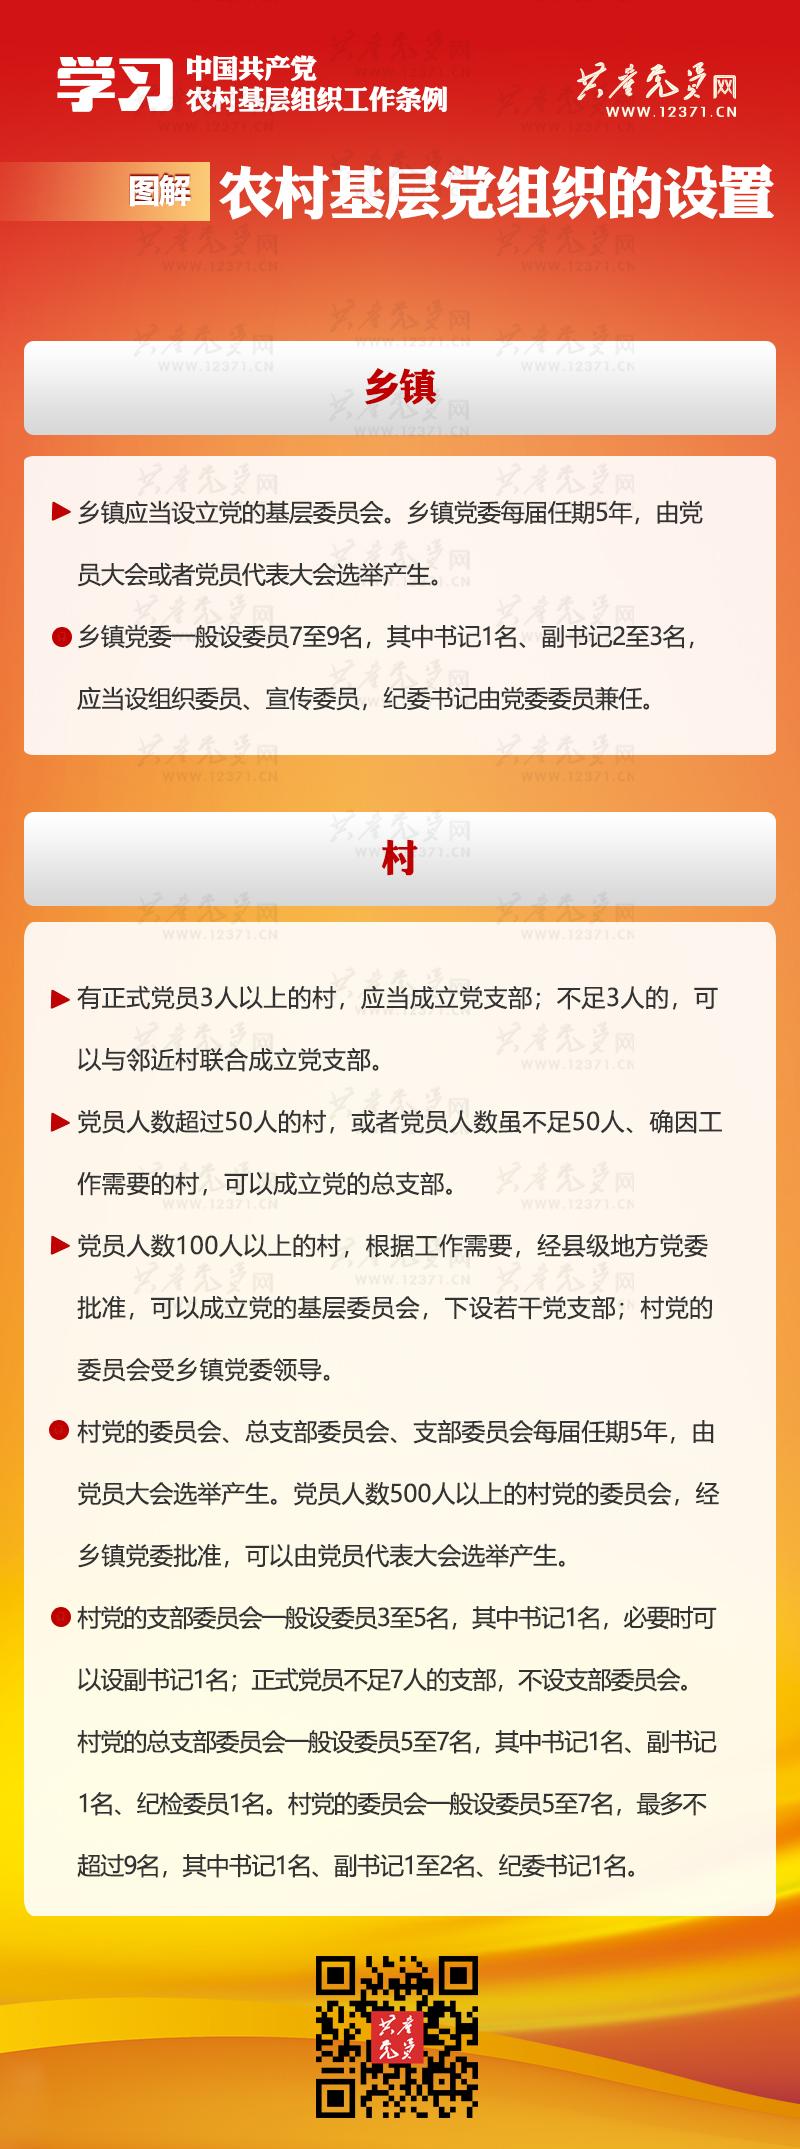 图解《中国共产党农村基层组织工作条例》② 组织设置